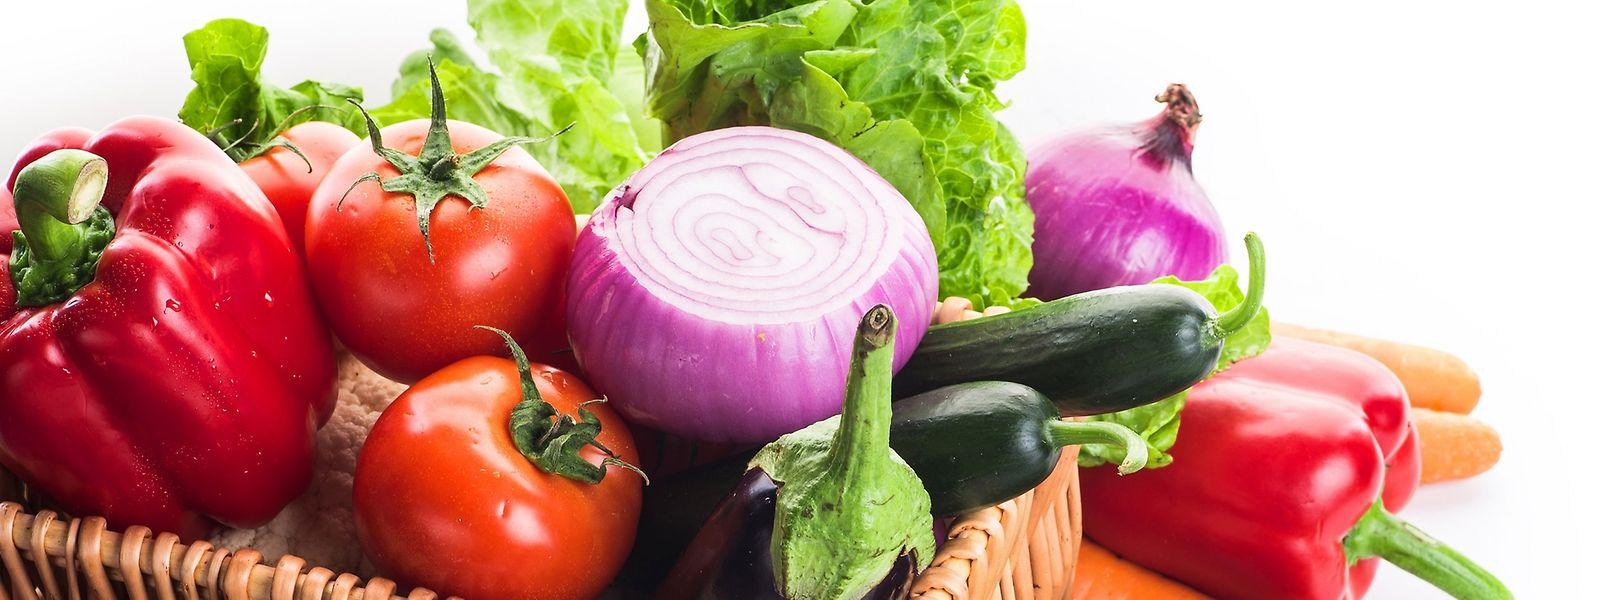 Bio-Gemüse und Obst werden bisher größtenteils aus dem Ausland importiert. Dies soll sich ändern.